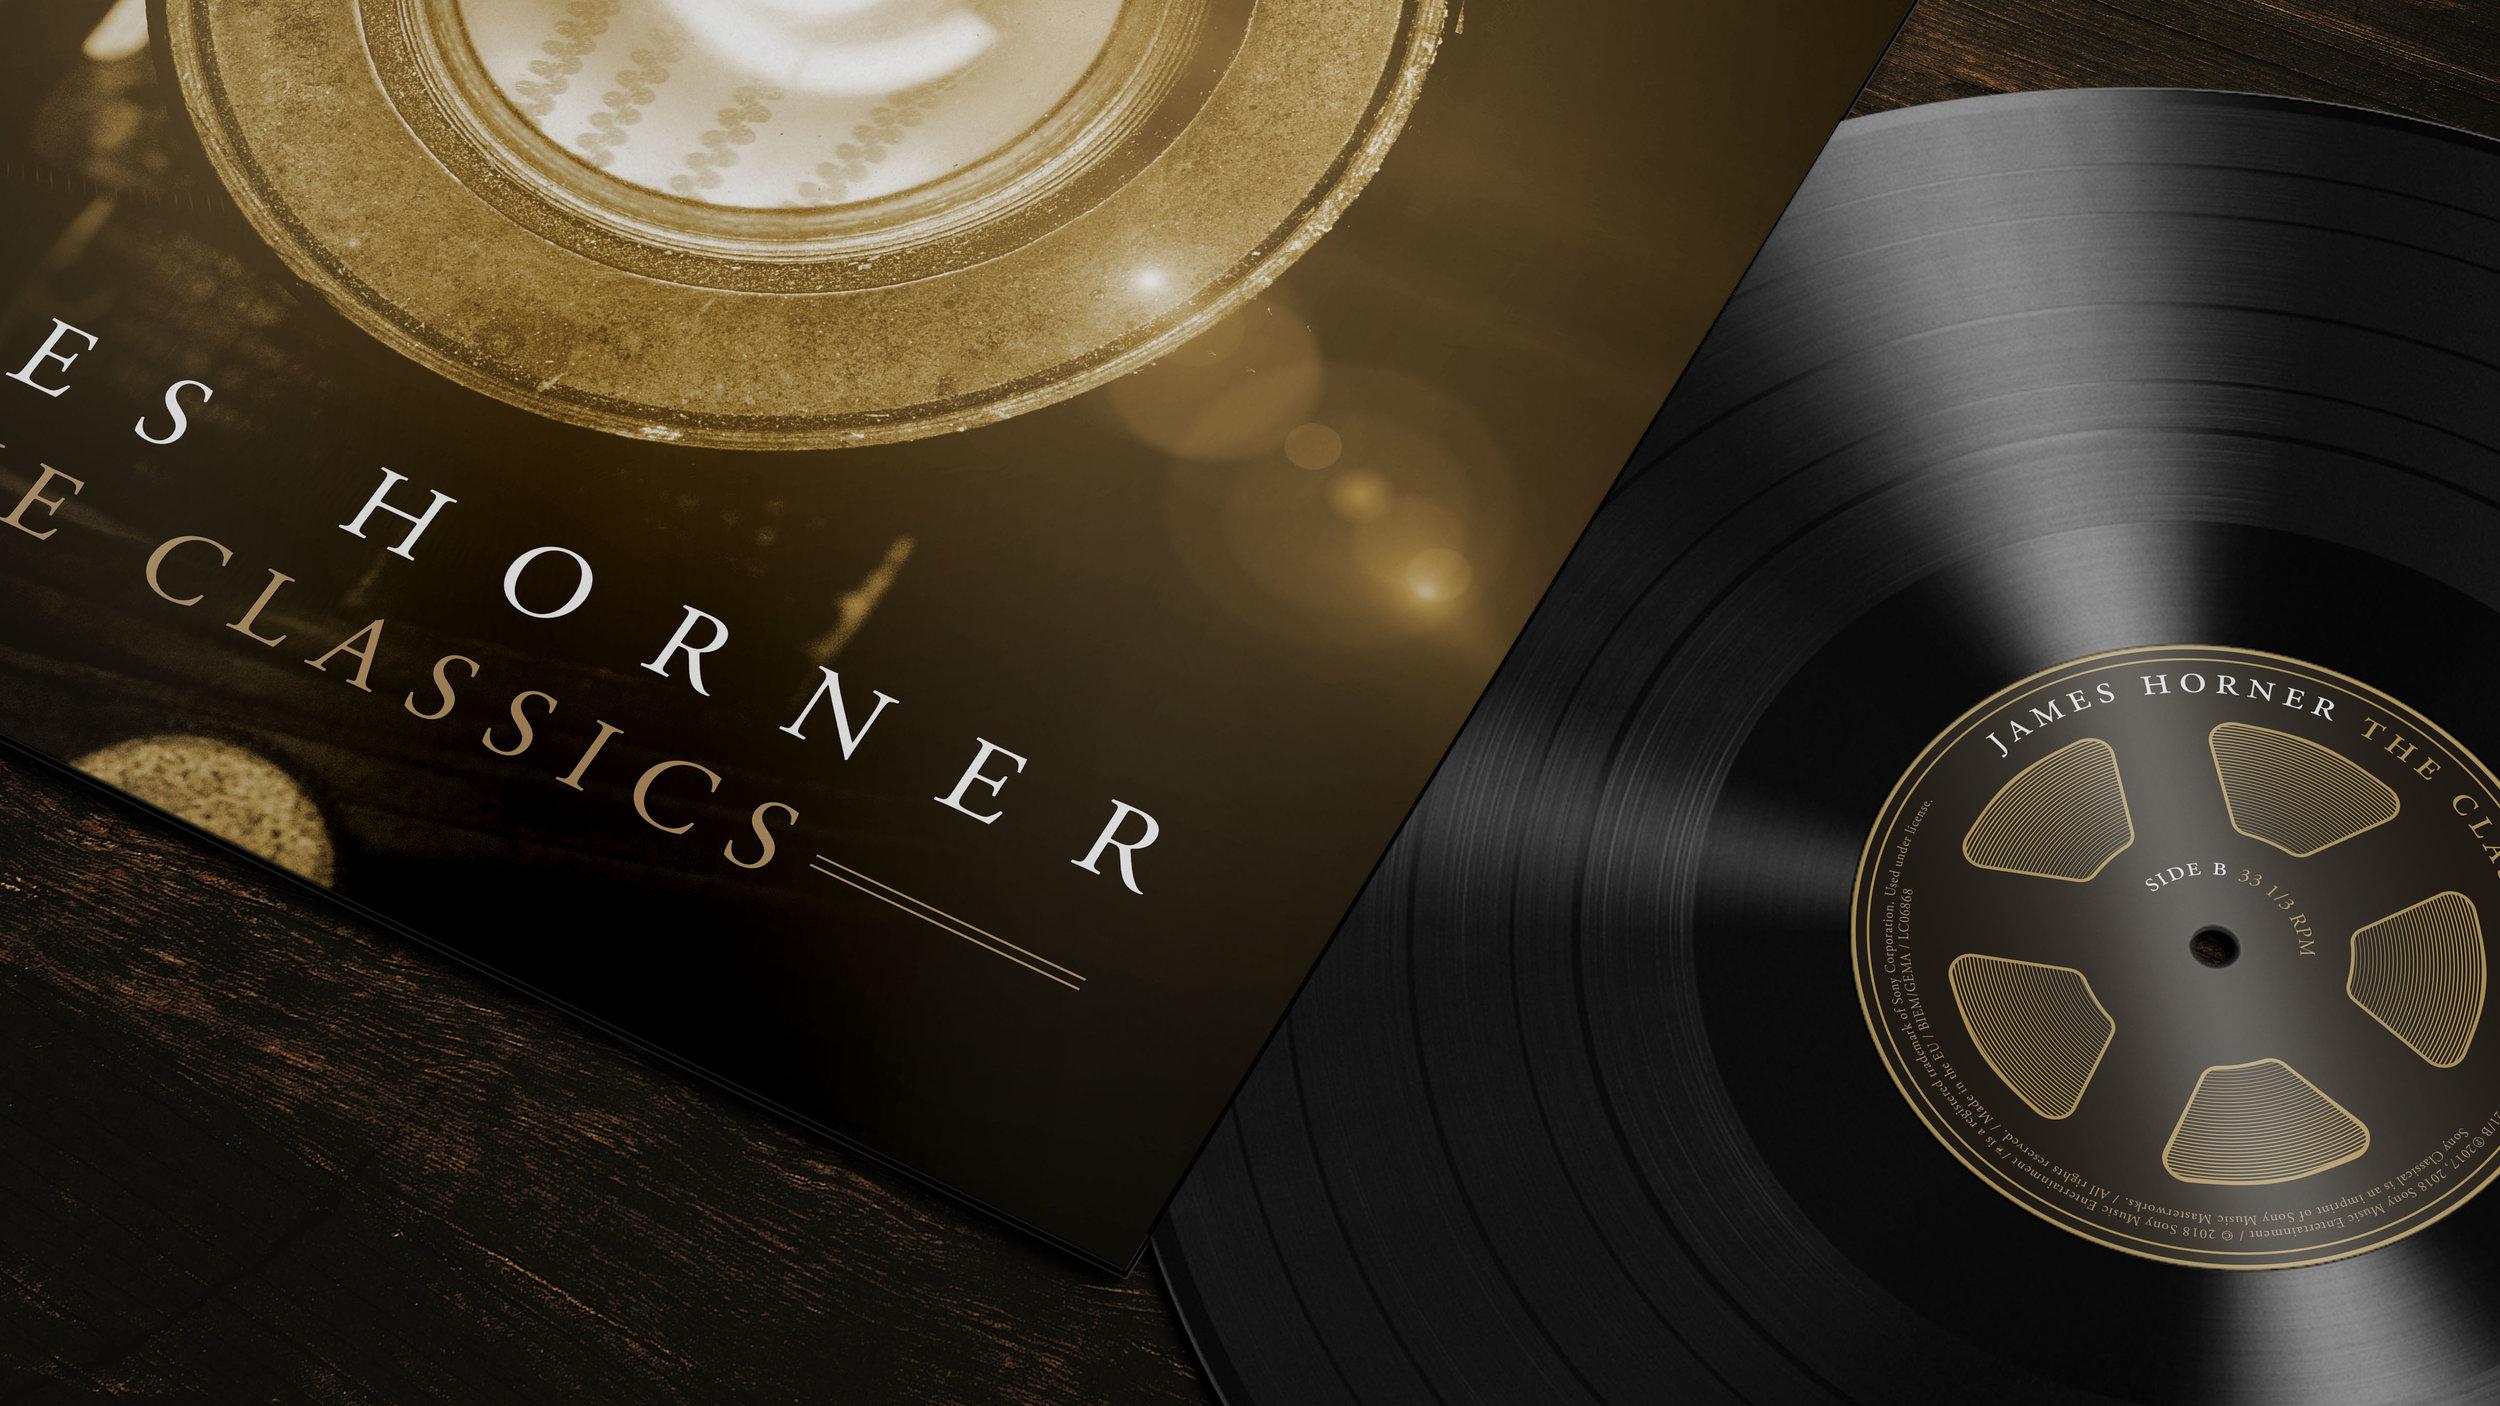 Jameshorner-Vinyl-4.jpg